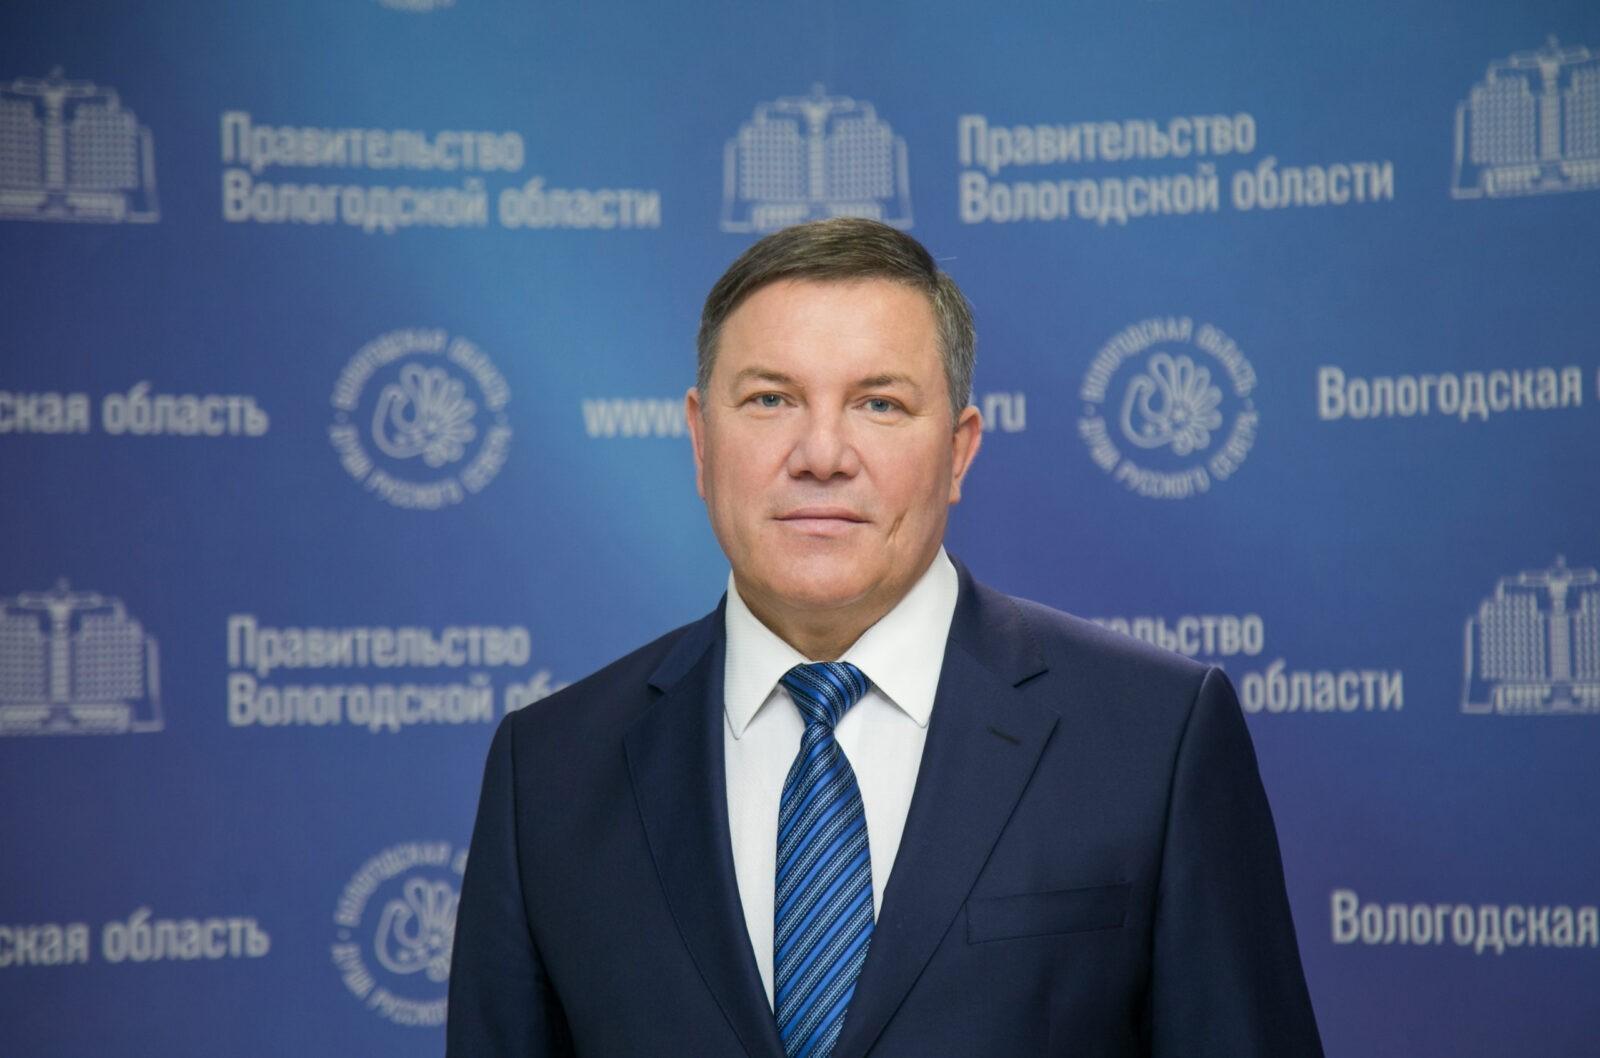 В ходе встречи с Губернатором Вологодской области Президент РФ одобрил строительство новых современных поликлиник